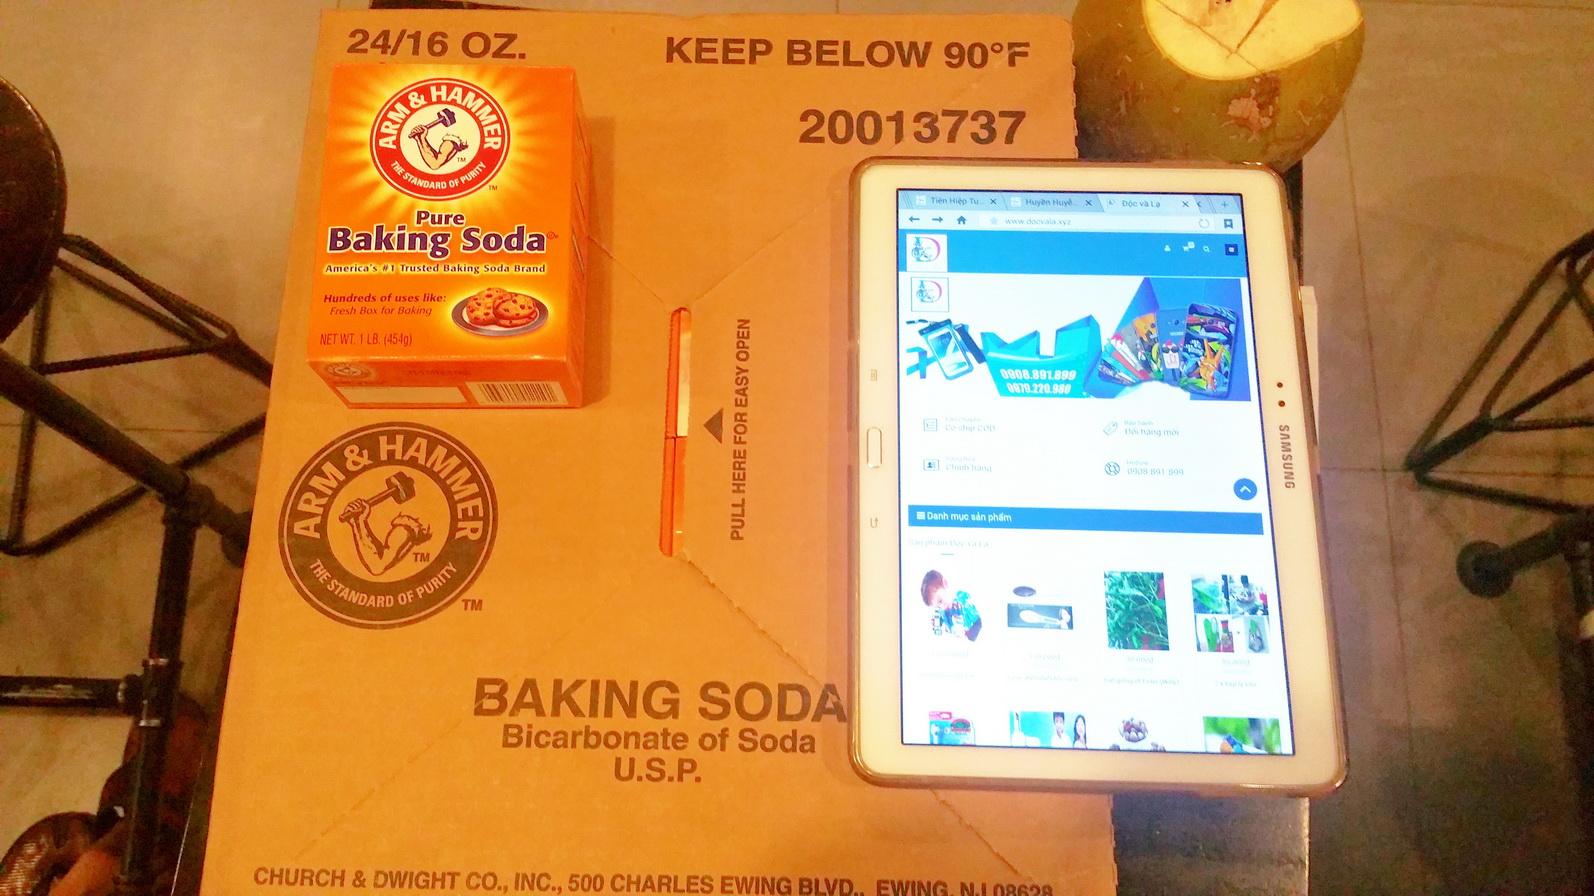 Baking Soda Arm Hammer Usa 454gr Daftar Harga Terkini Dan Asli Ori Bt A Tnh Nng